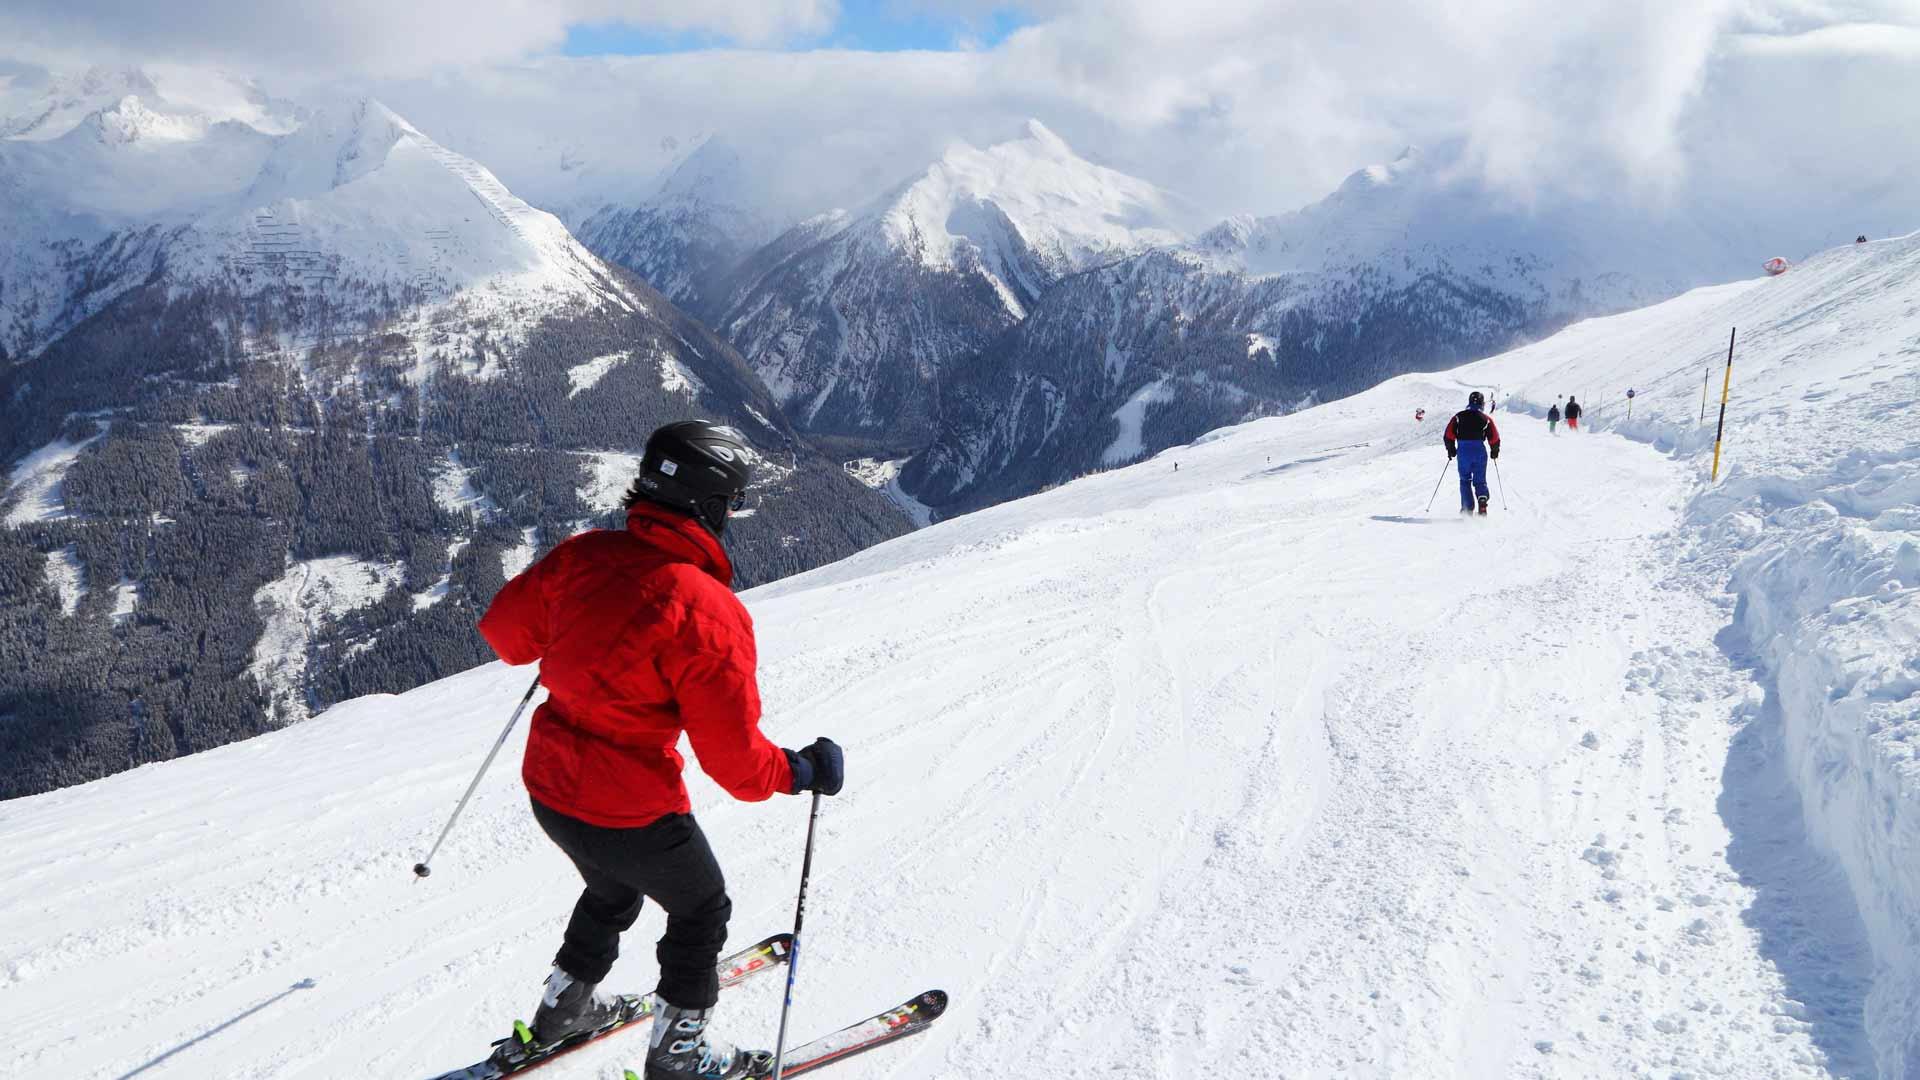 Bad Gastein on myytyjen matkojen perusteella suomalaisten suosituin hiihtokohde Alpeilla.